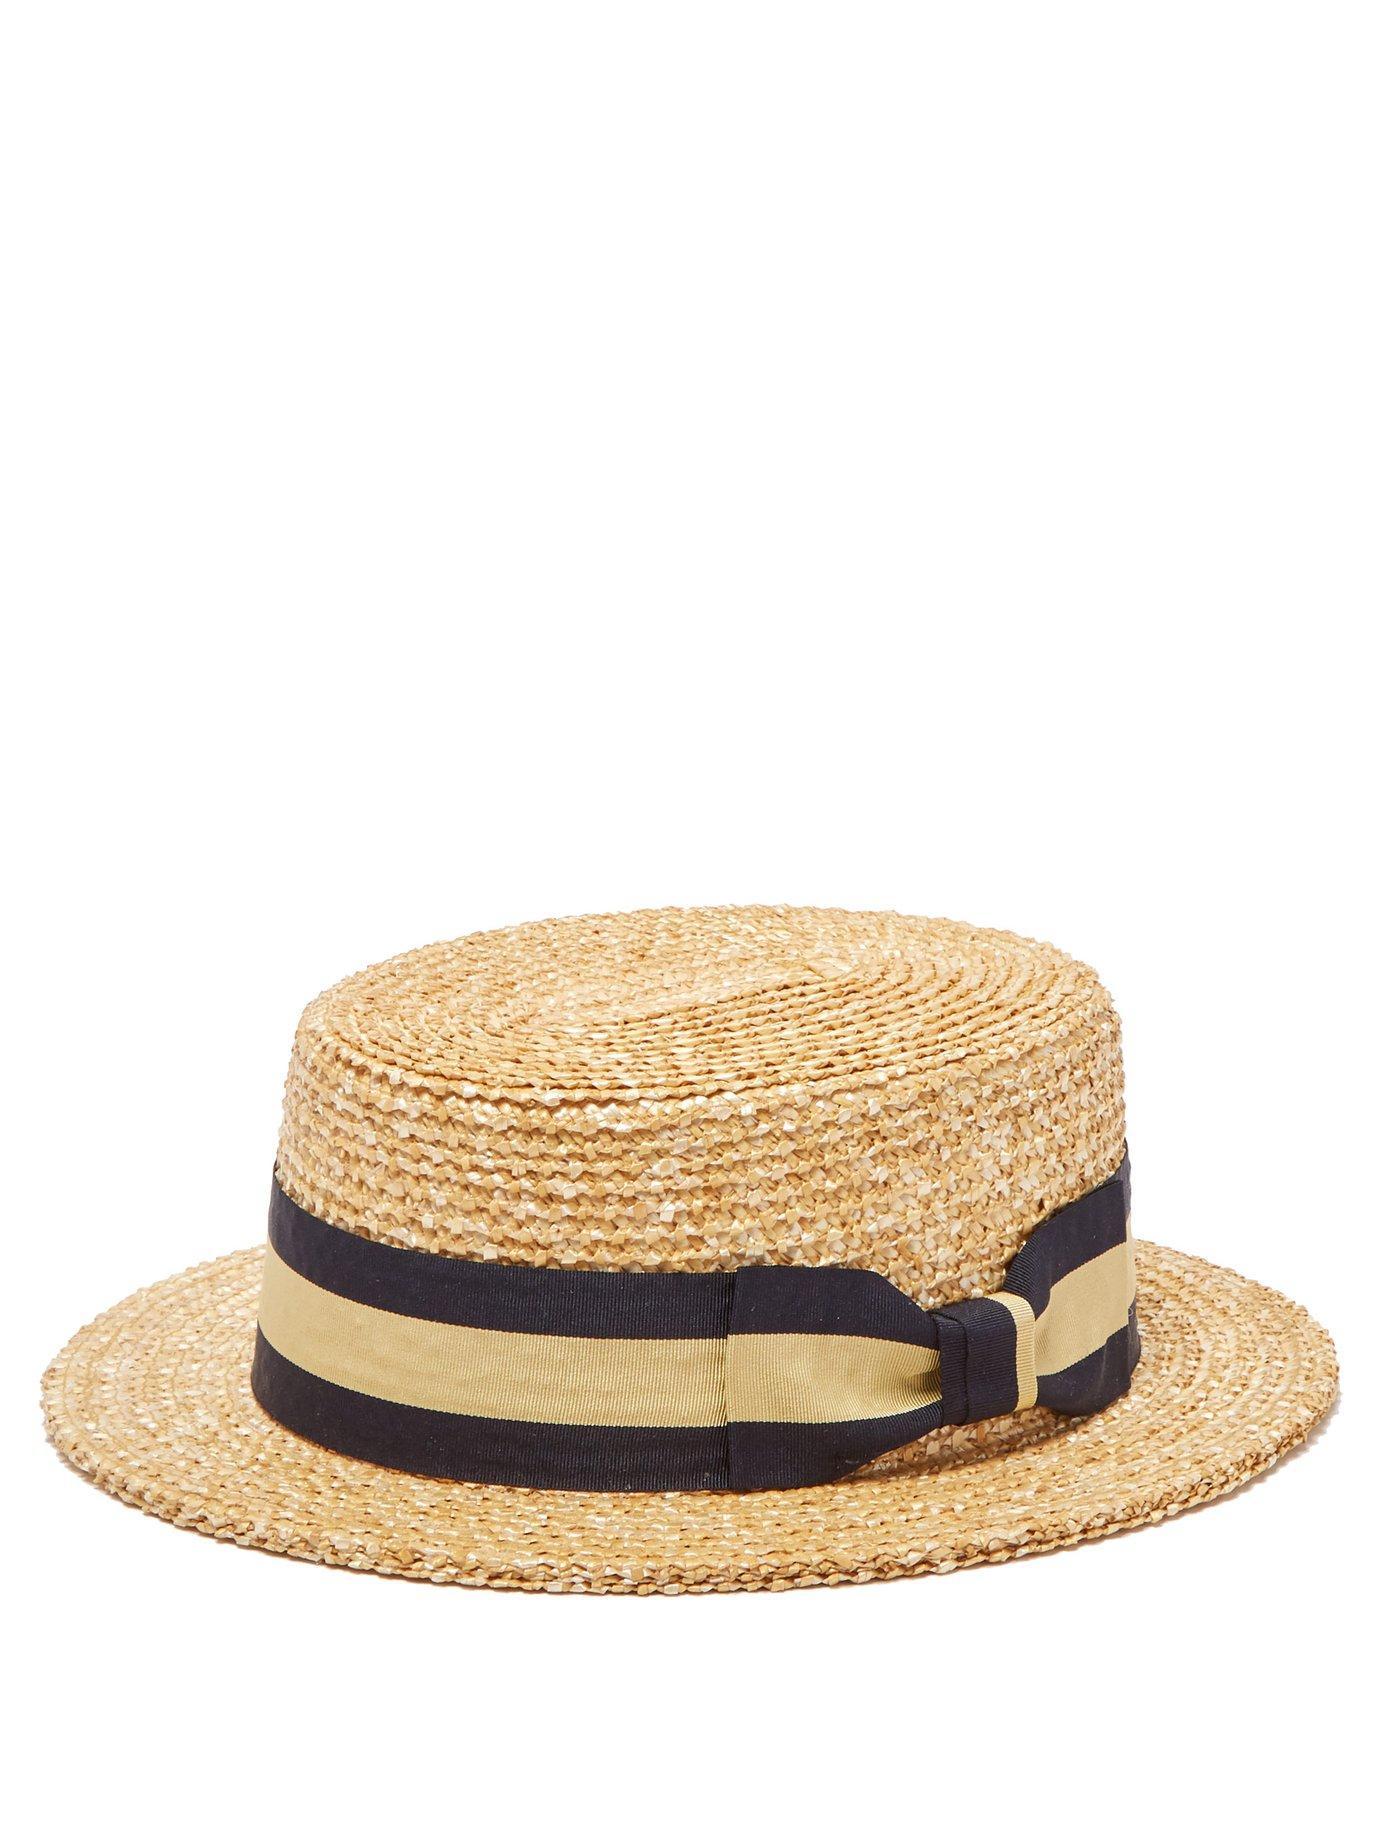 6fdac781b19ea Lyst - Lock   Co. Barbershop Woven Straw Boater Hat in Brown for Men